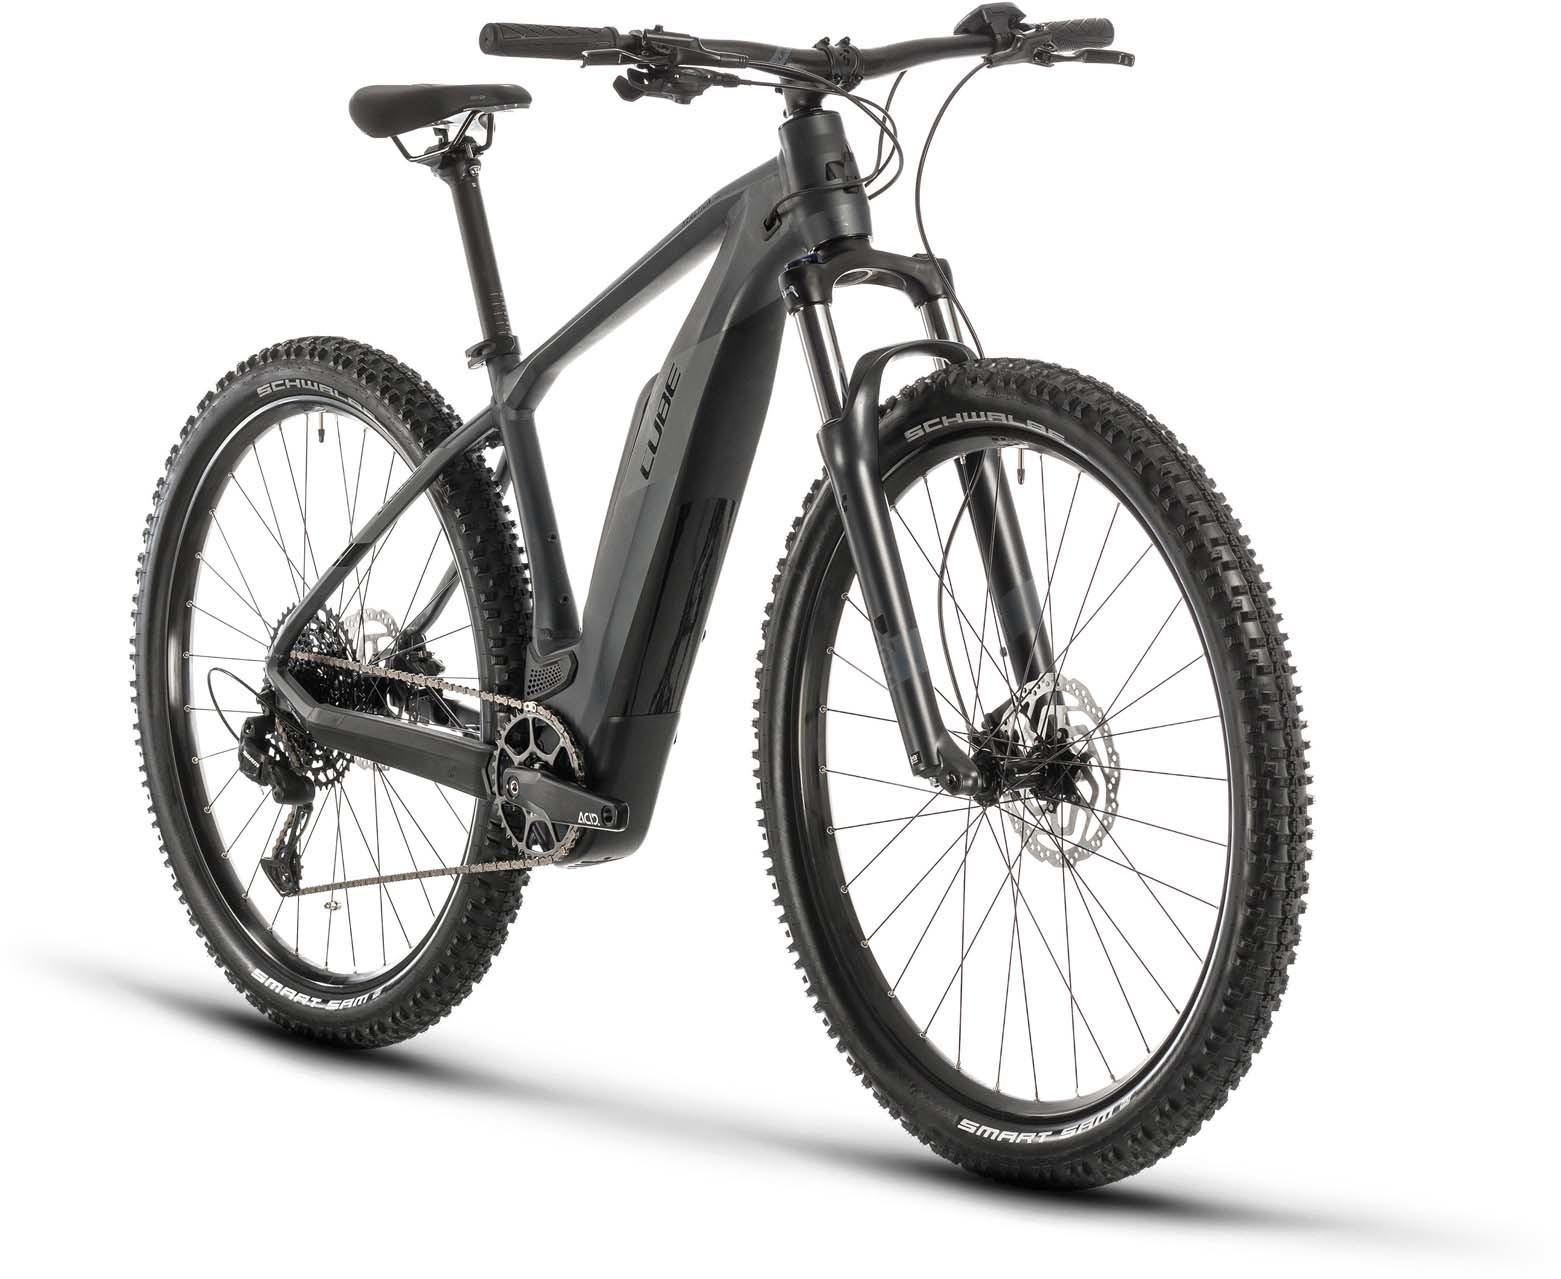 E-Mtb Reaction Hybrid Pro 500 - Noleggio Bici Canazei